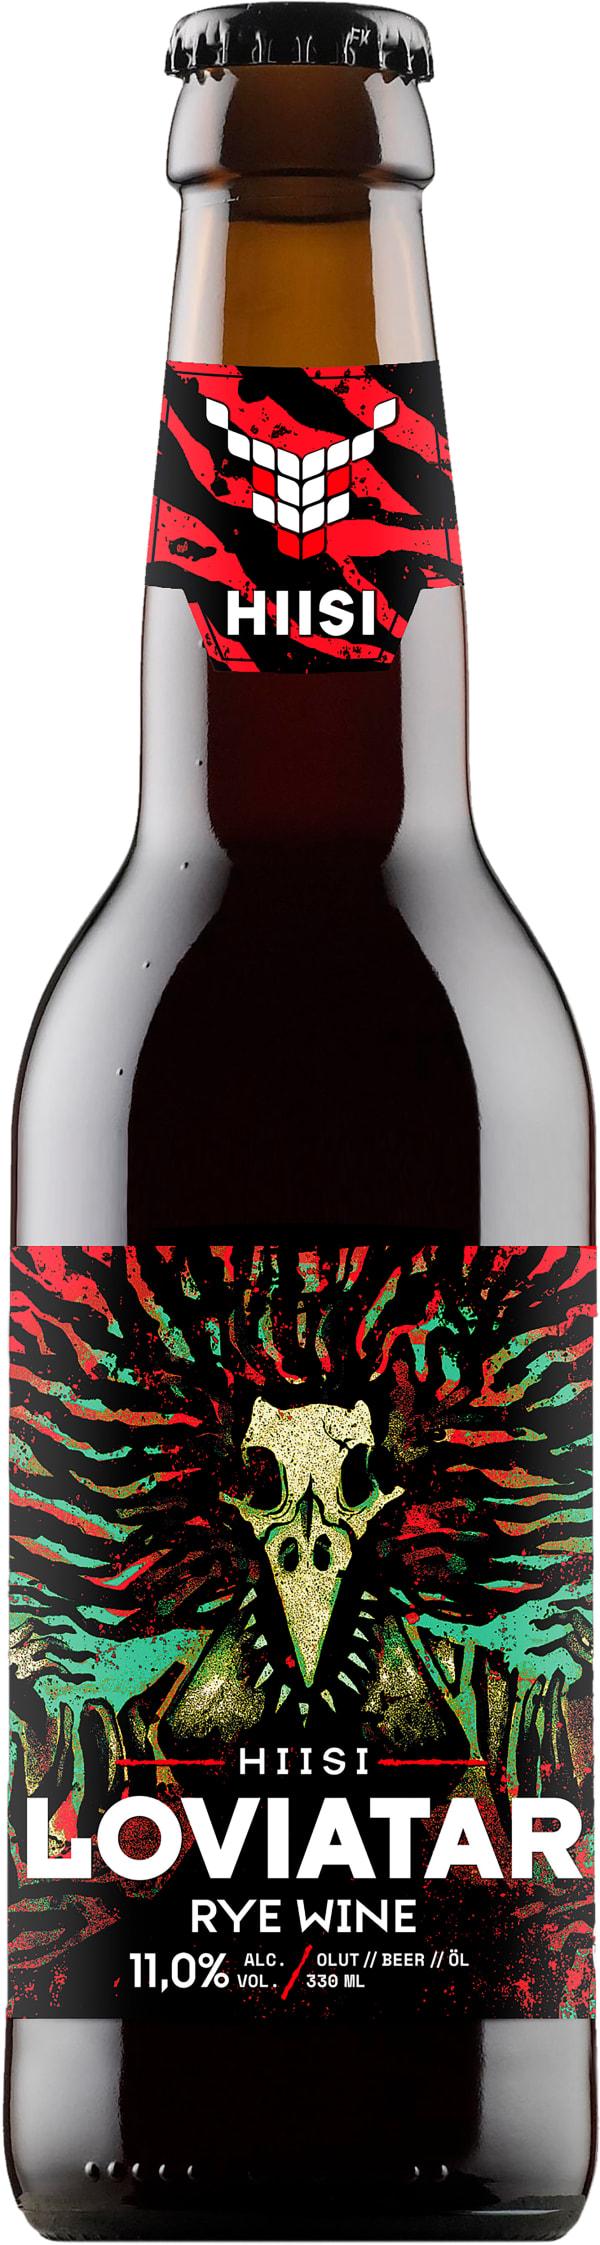 Hiisi Loviatar Rye Wine